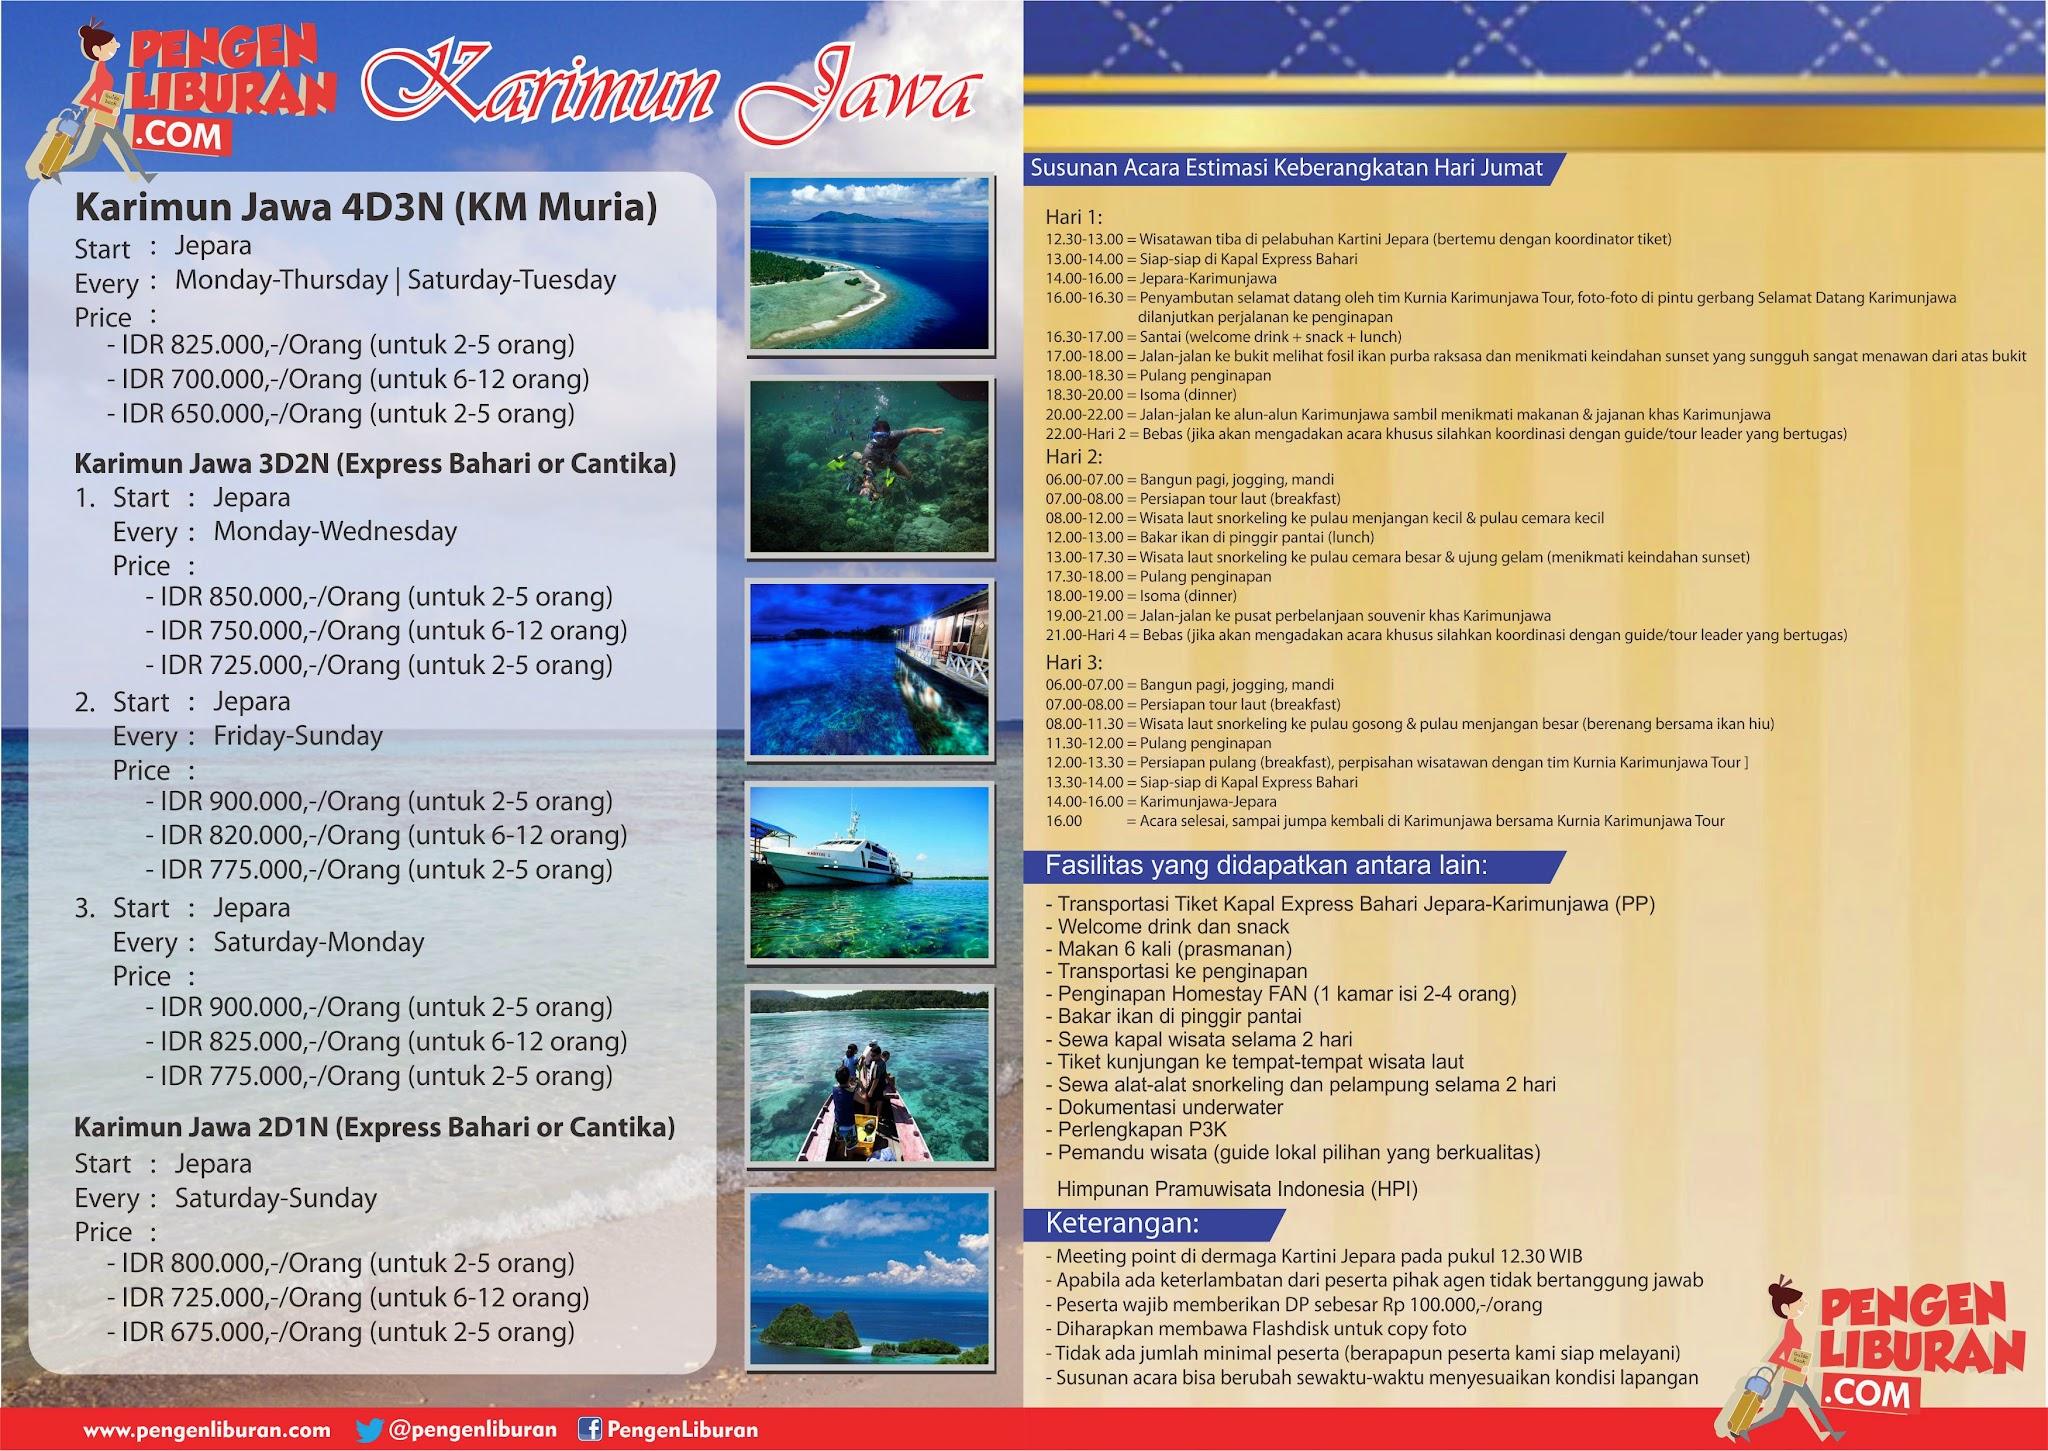 paket liburan air asia